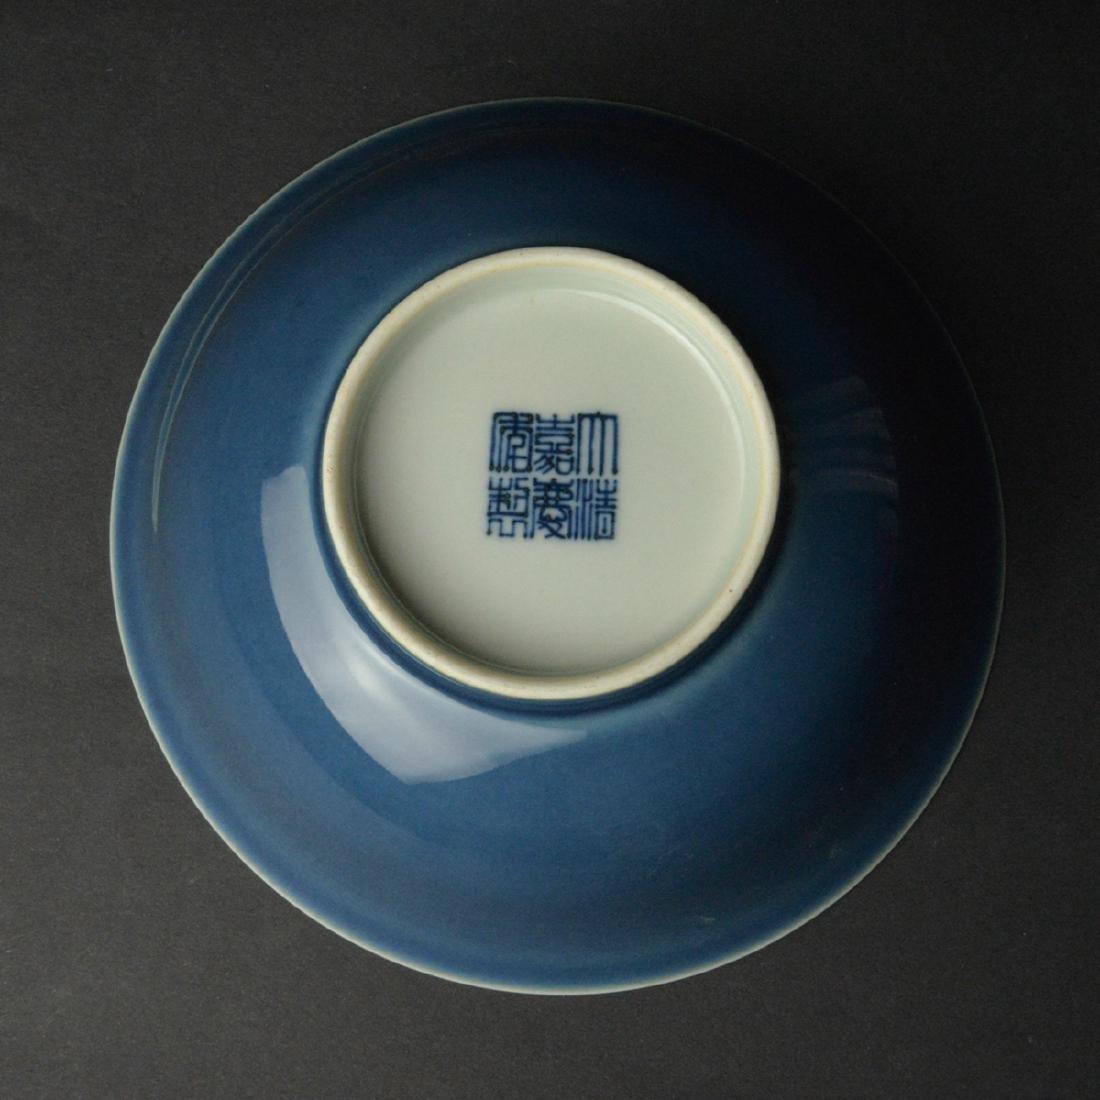 CHINESE BLUE GLAZED PORCELAIN BOWL - 6